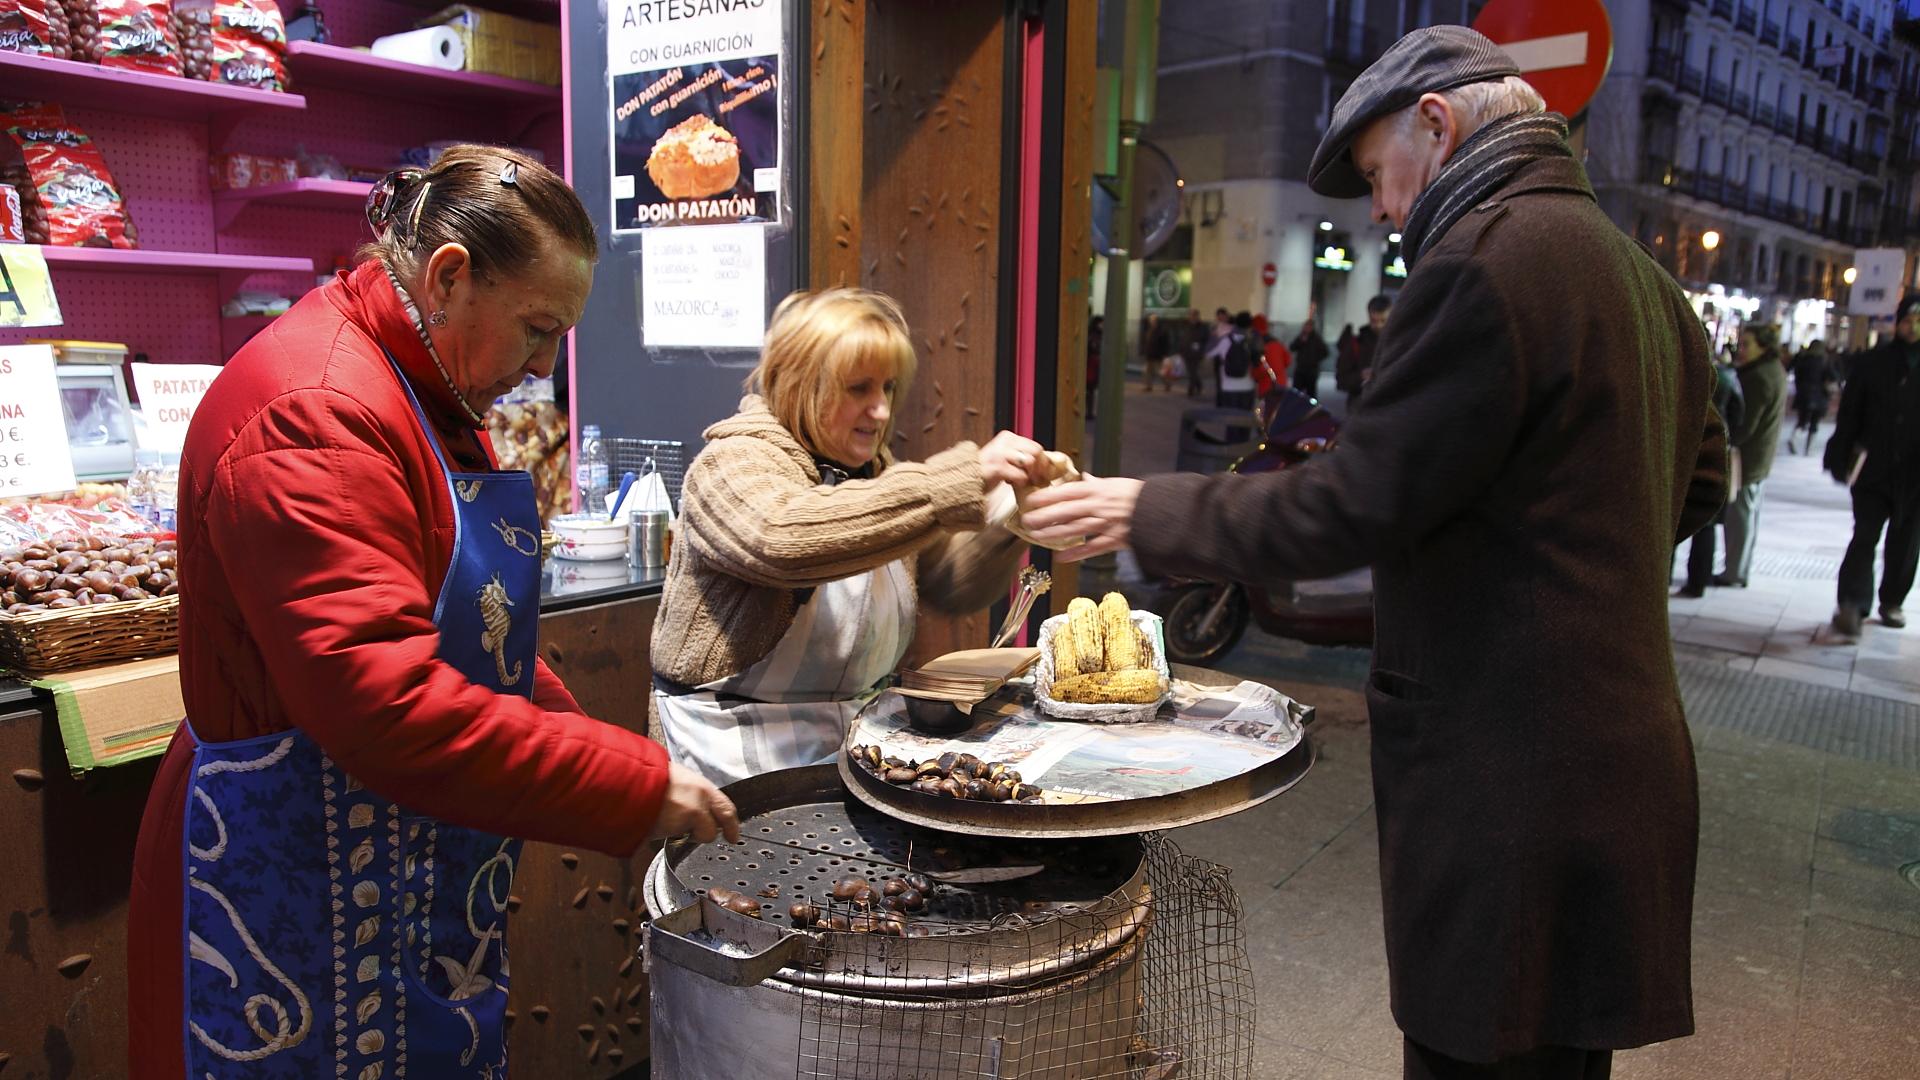 Castañas calentitas. Los puestos de castañas asadas son típicos de Madrid.